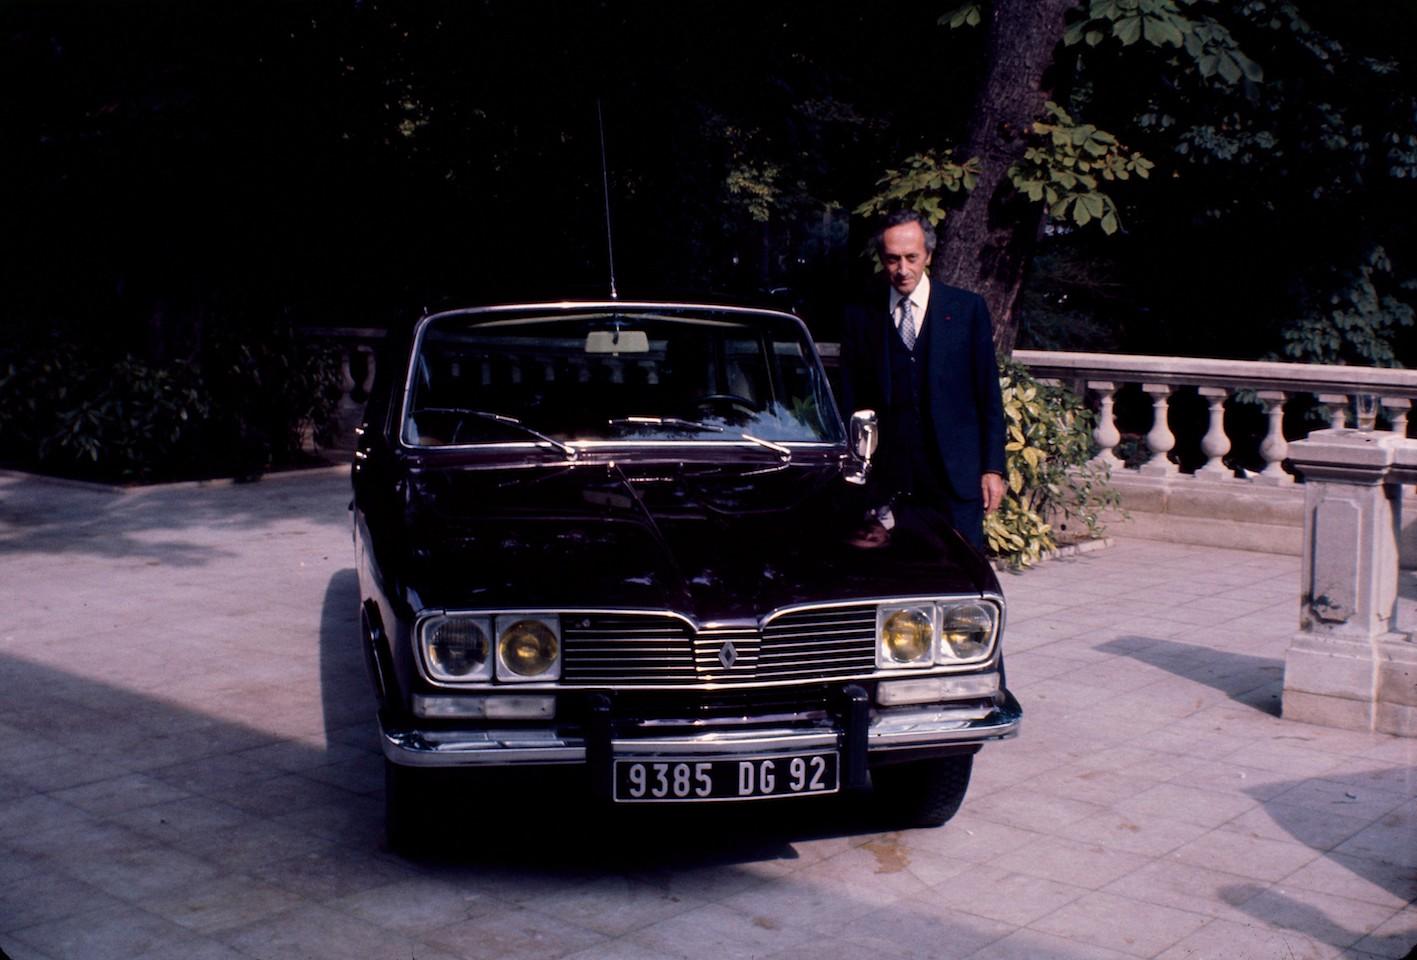 Hommage à Gaston Juchet. Deuxième partie : Pierre Dreyfus débauche Opron de chez Citroën